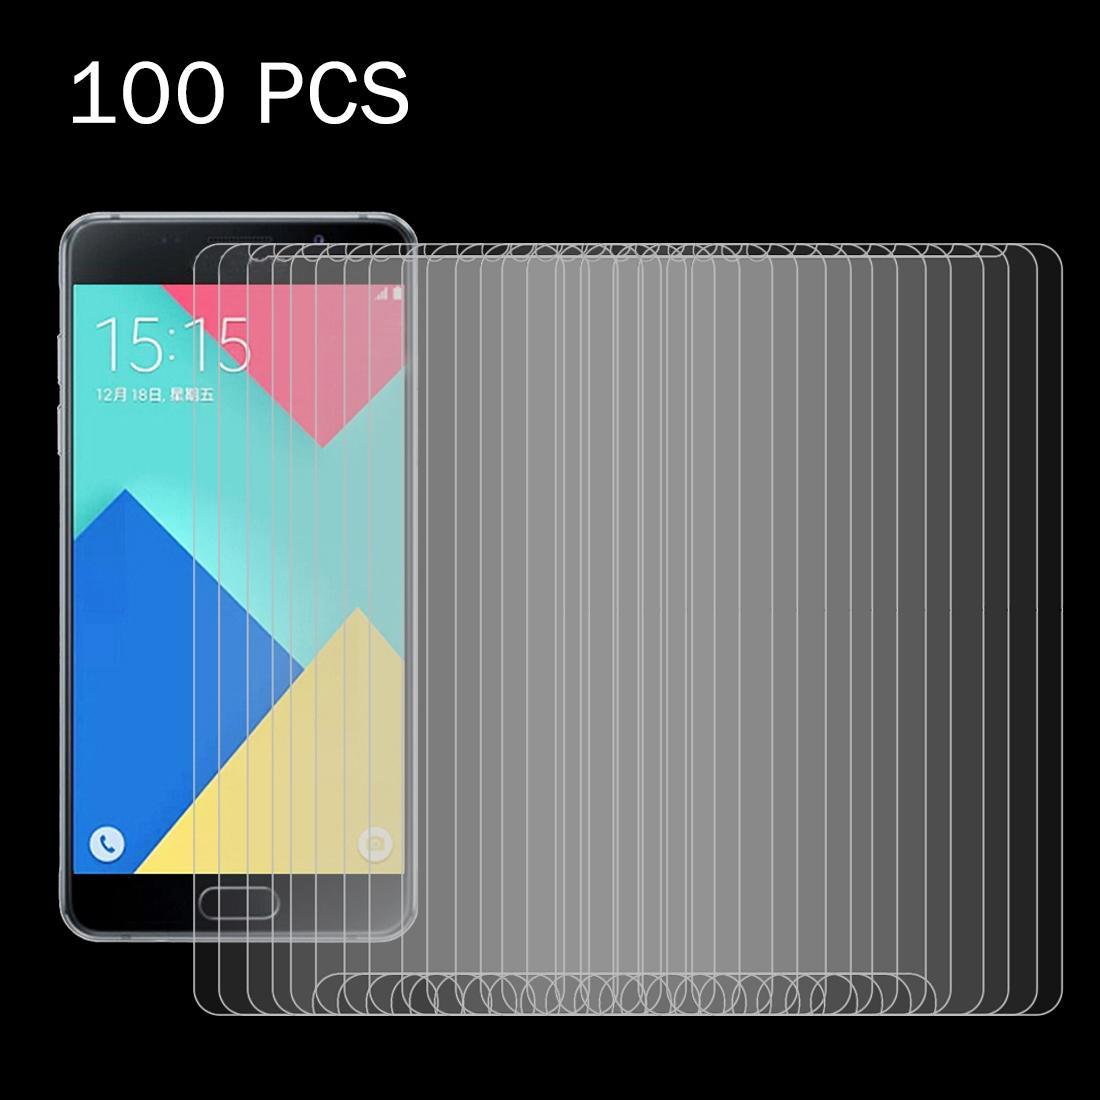 100 PCS pour Galaxy A7 / A710 0.26mm 9H Surface Dureté 2.5D Antidéflagrant Film écran en verre trempé